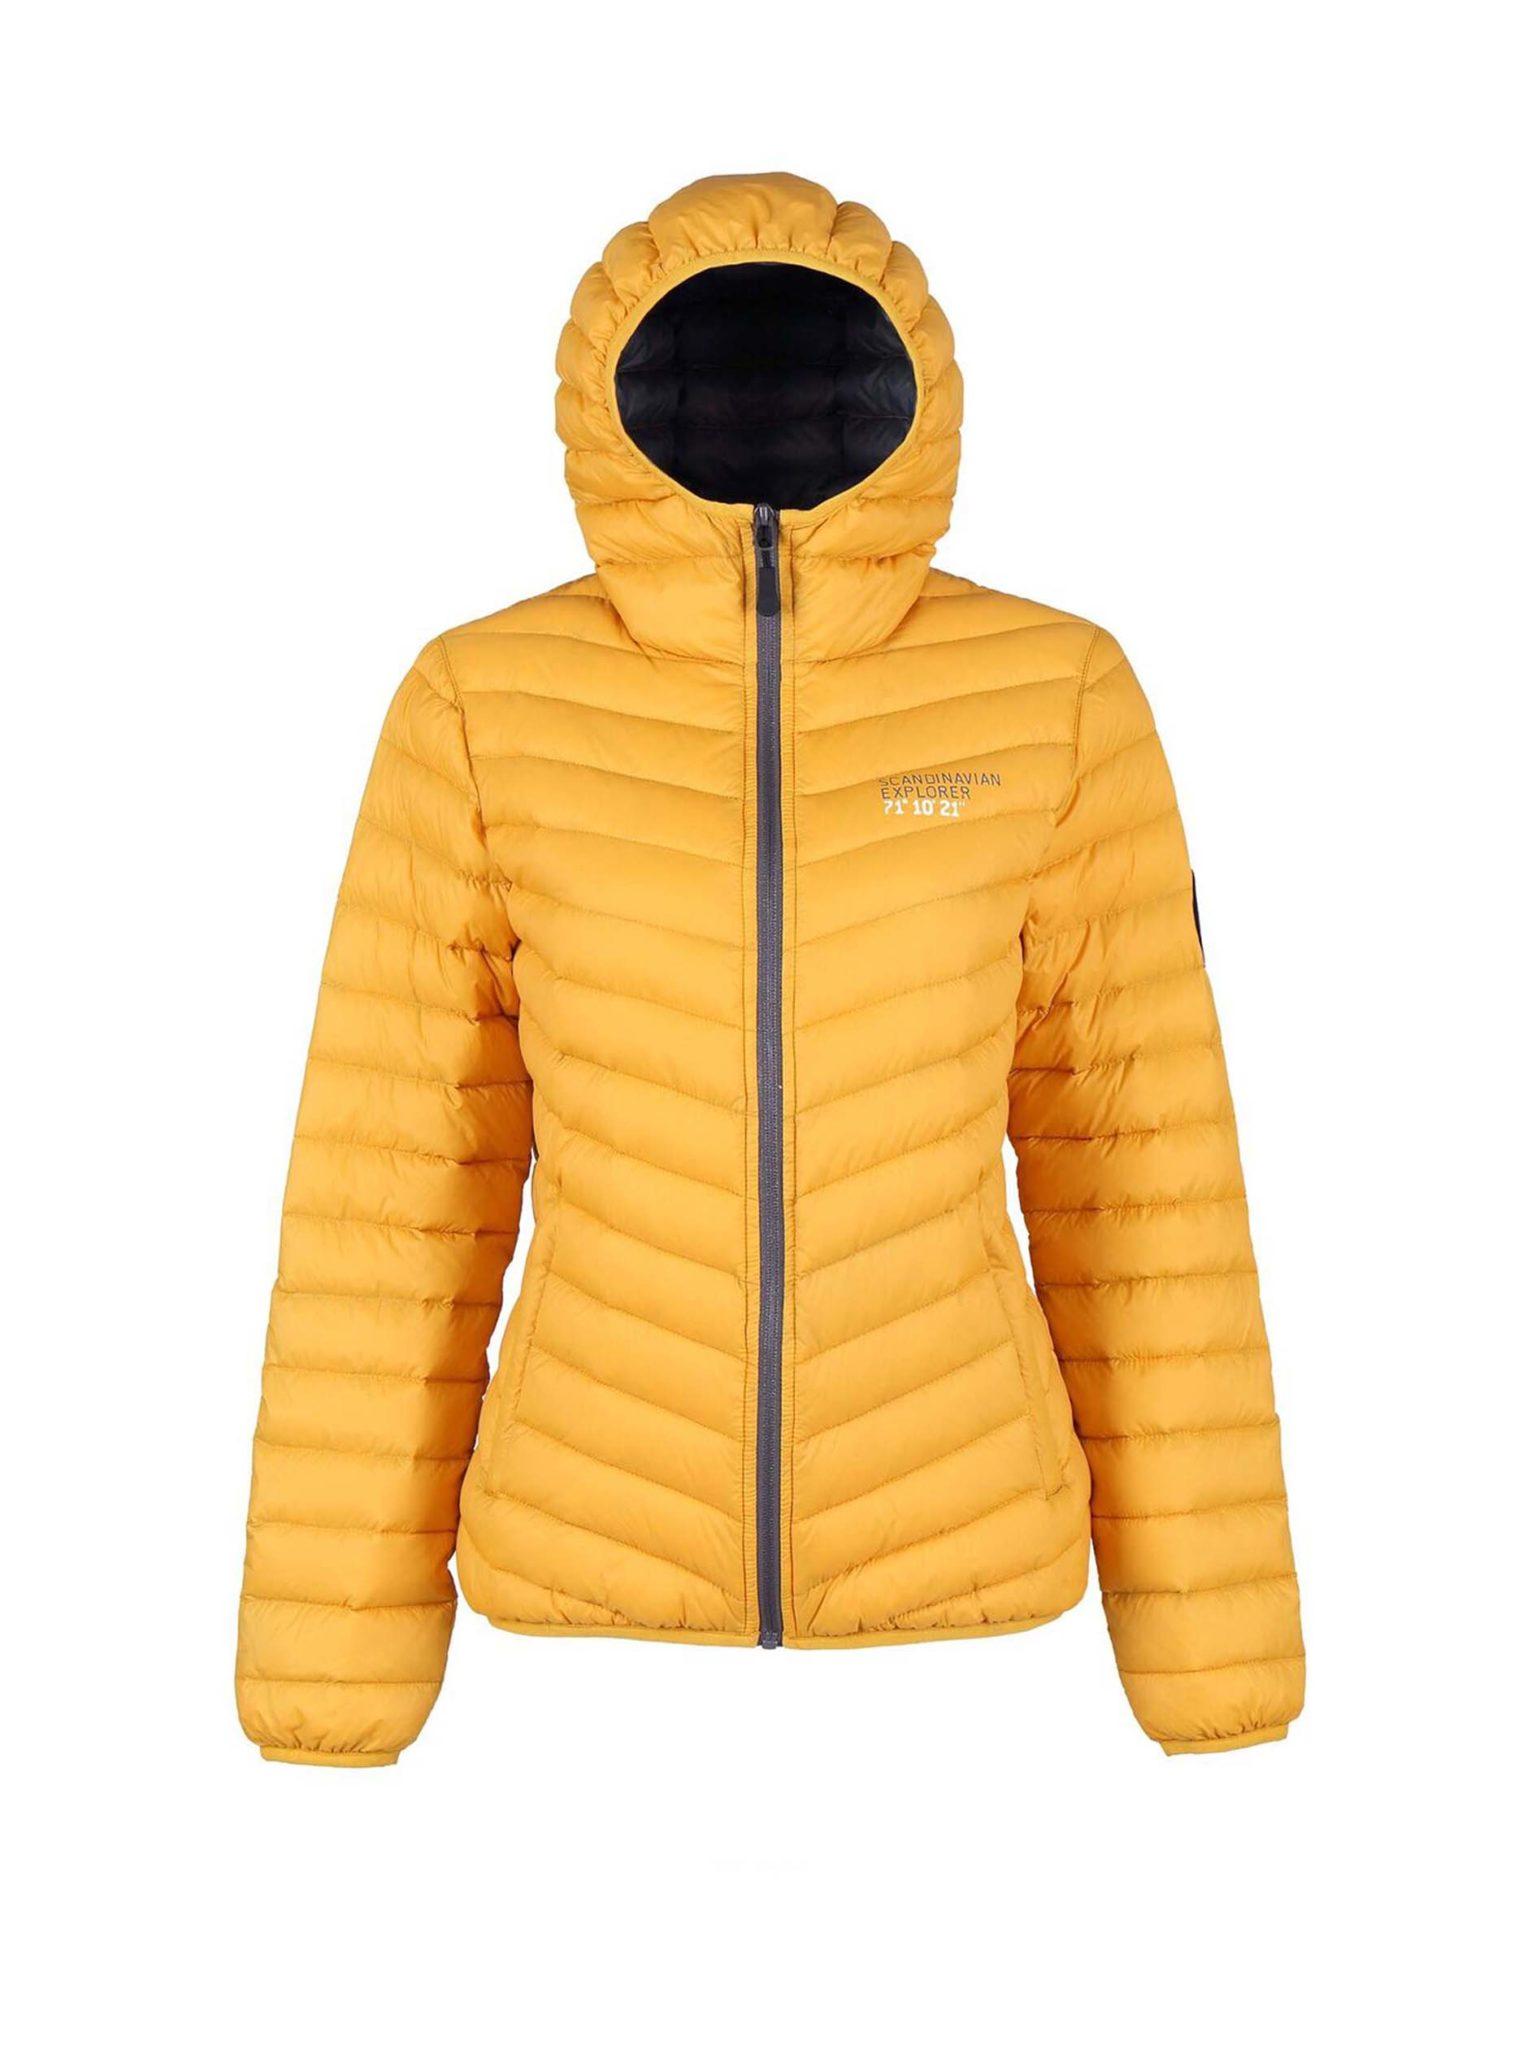 Scandinavian Explorer dunjakke, gul Alle tiders